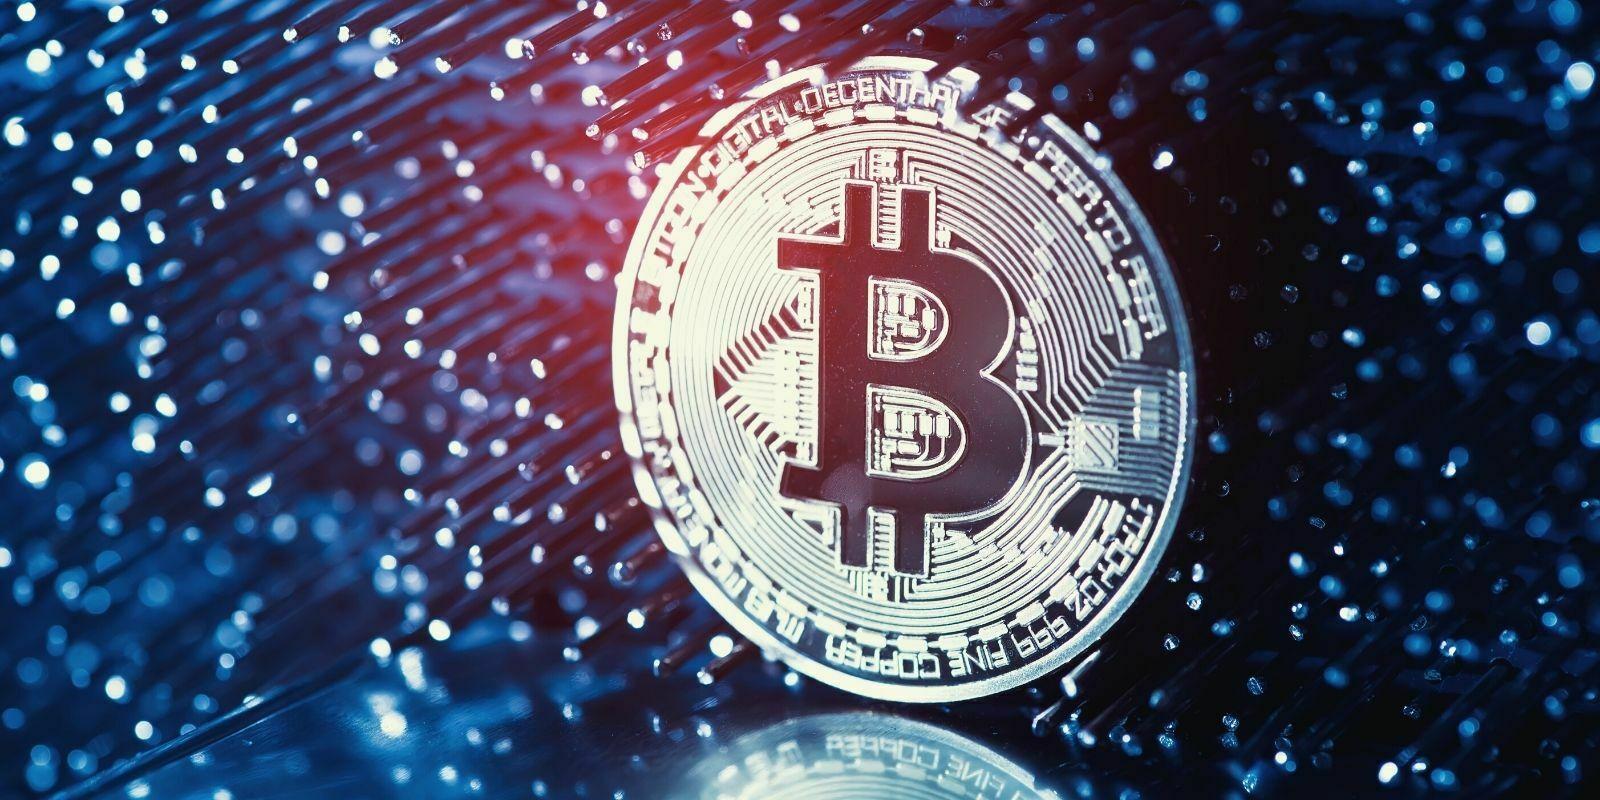 La difficulté de mining de Bitcoin (BTC) connaît sa plus forte baisse depuis 2011